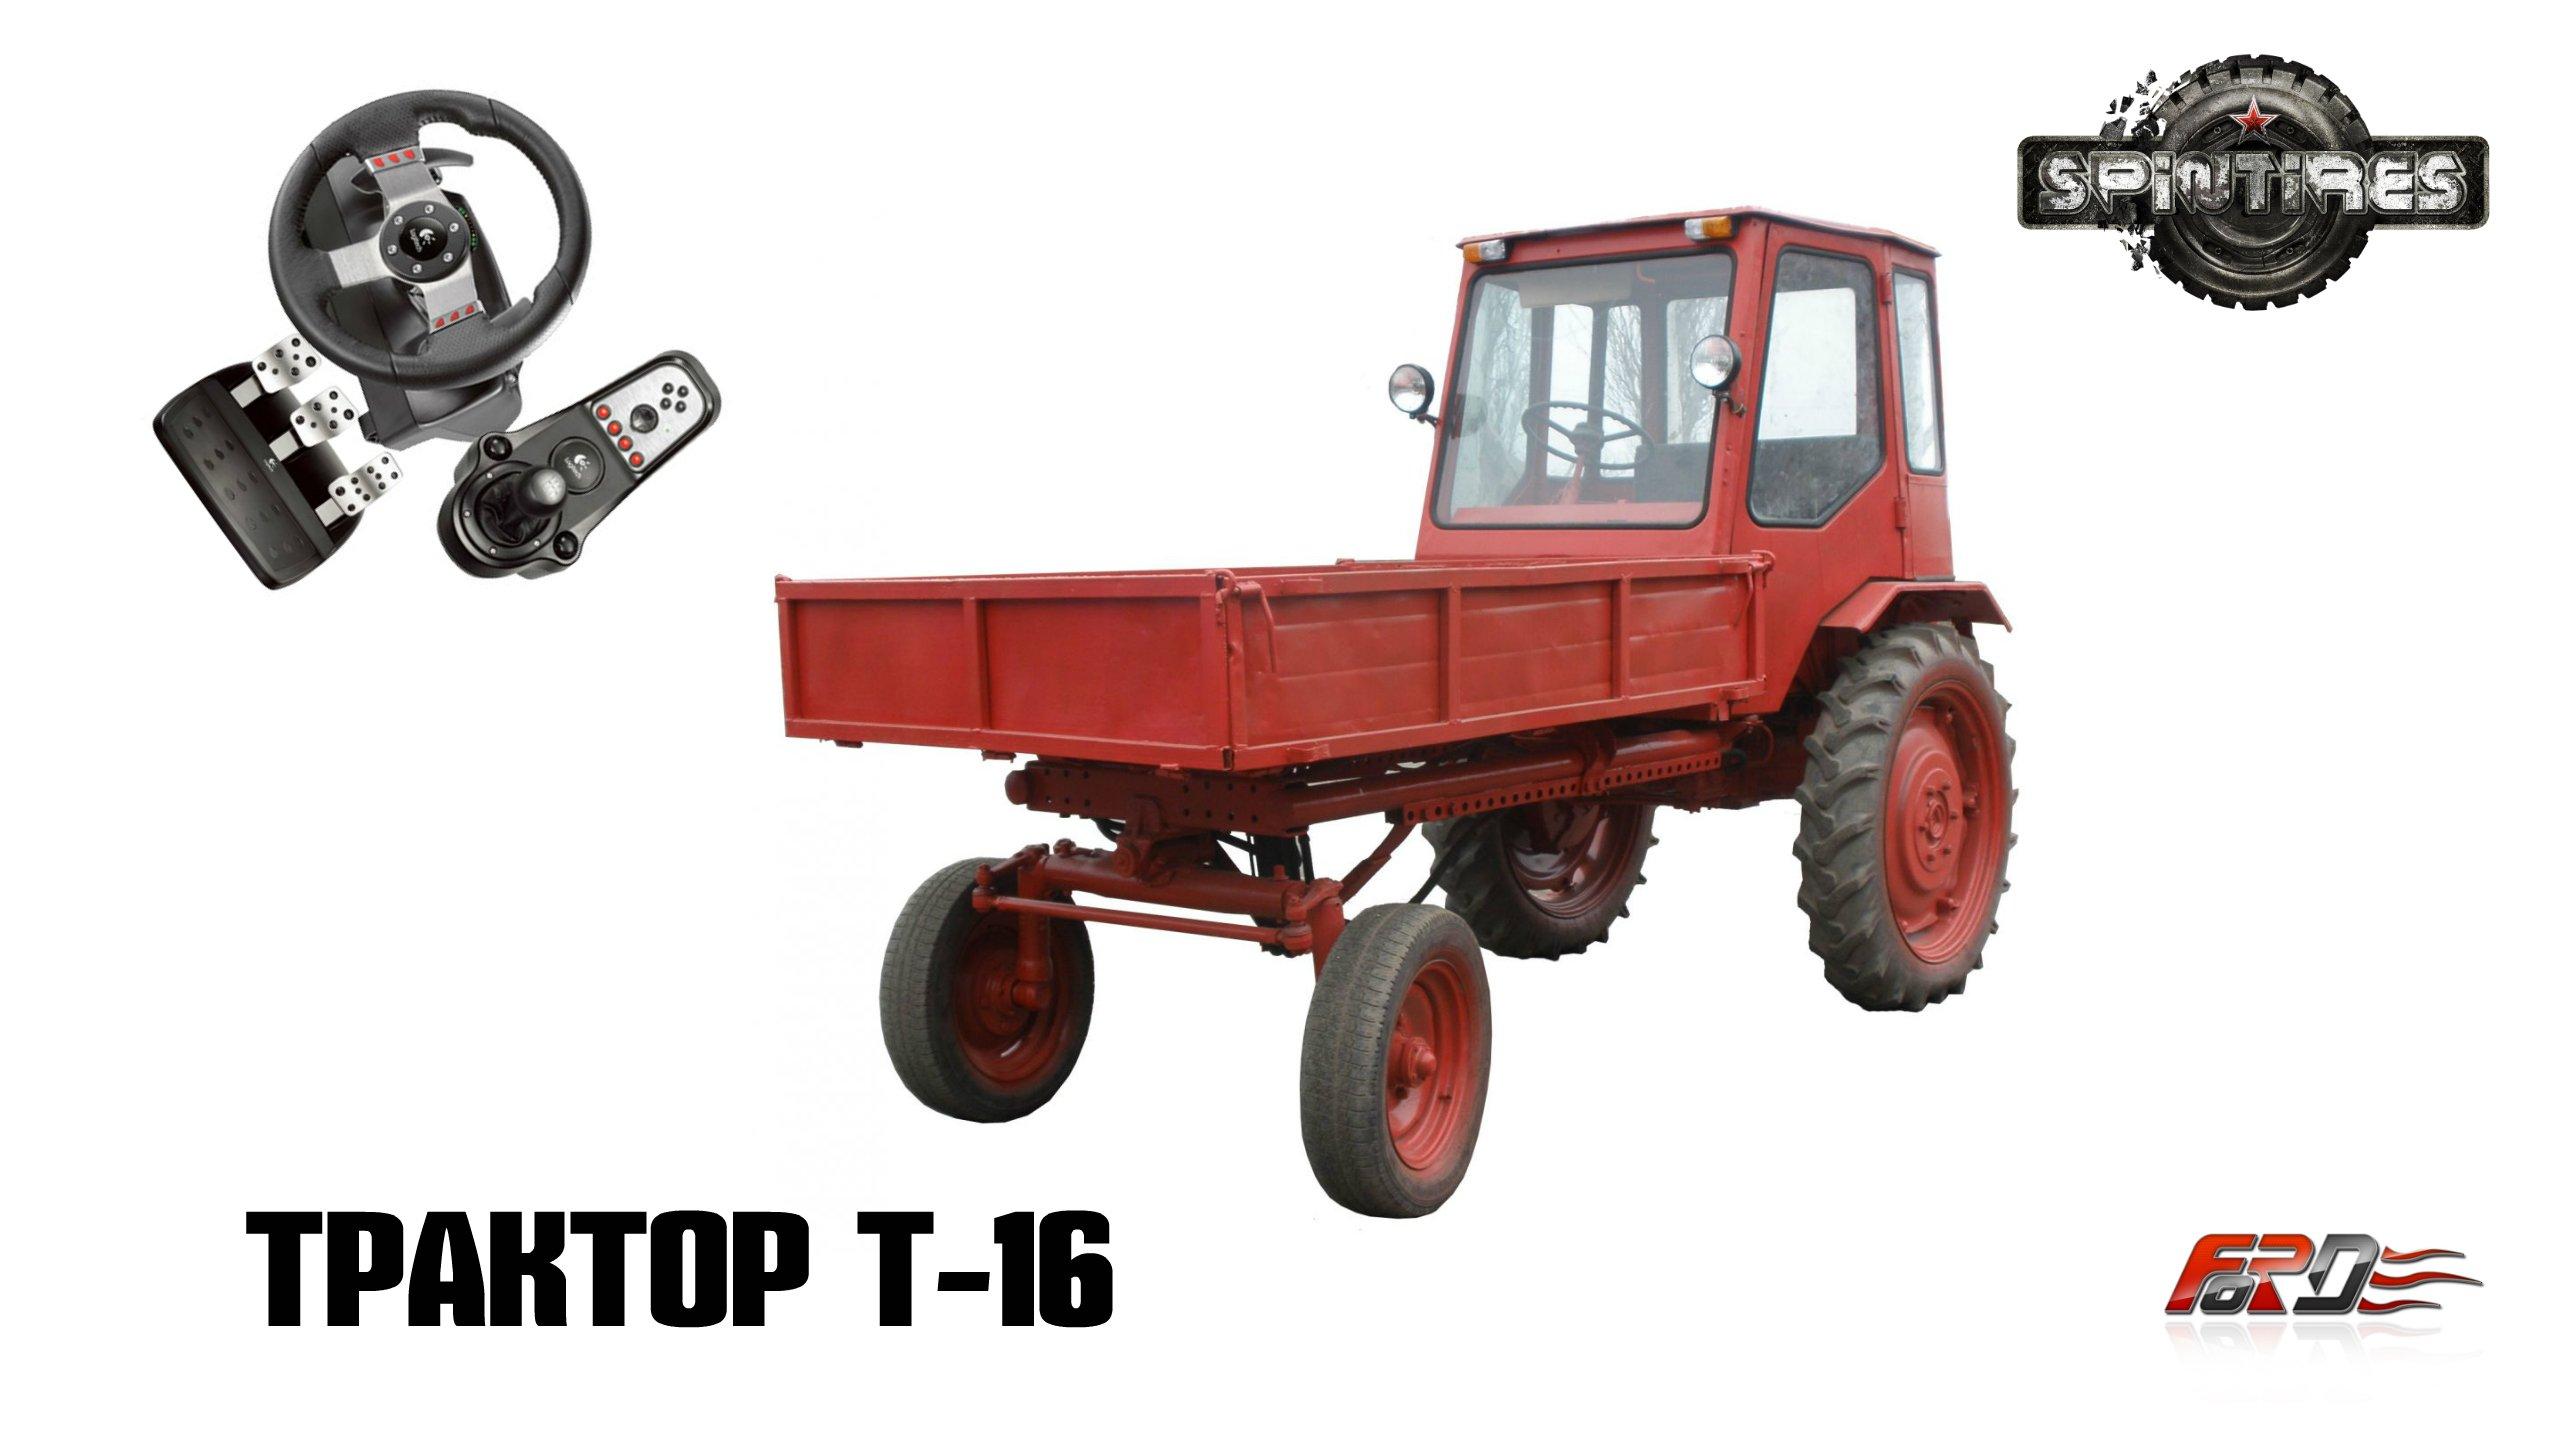 Т-16 трактор - обзор, тест-драйв советской техники и транспорта СССР в SpinTires 2016. - Изображение 1